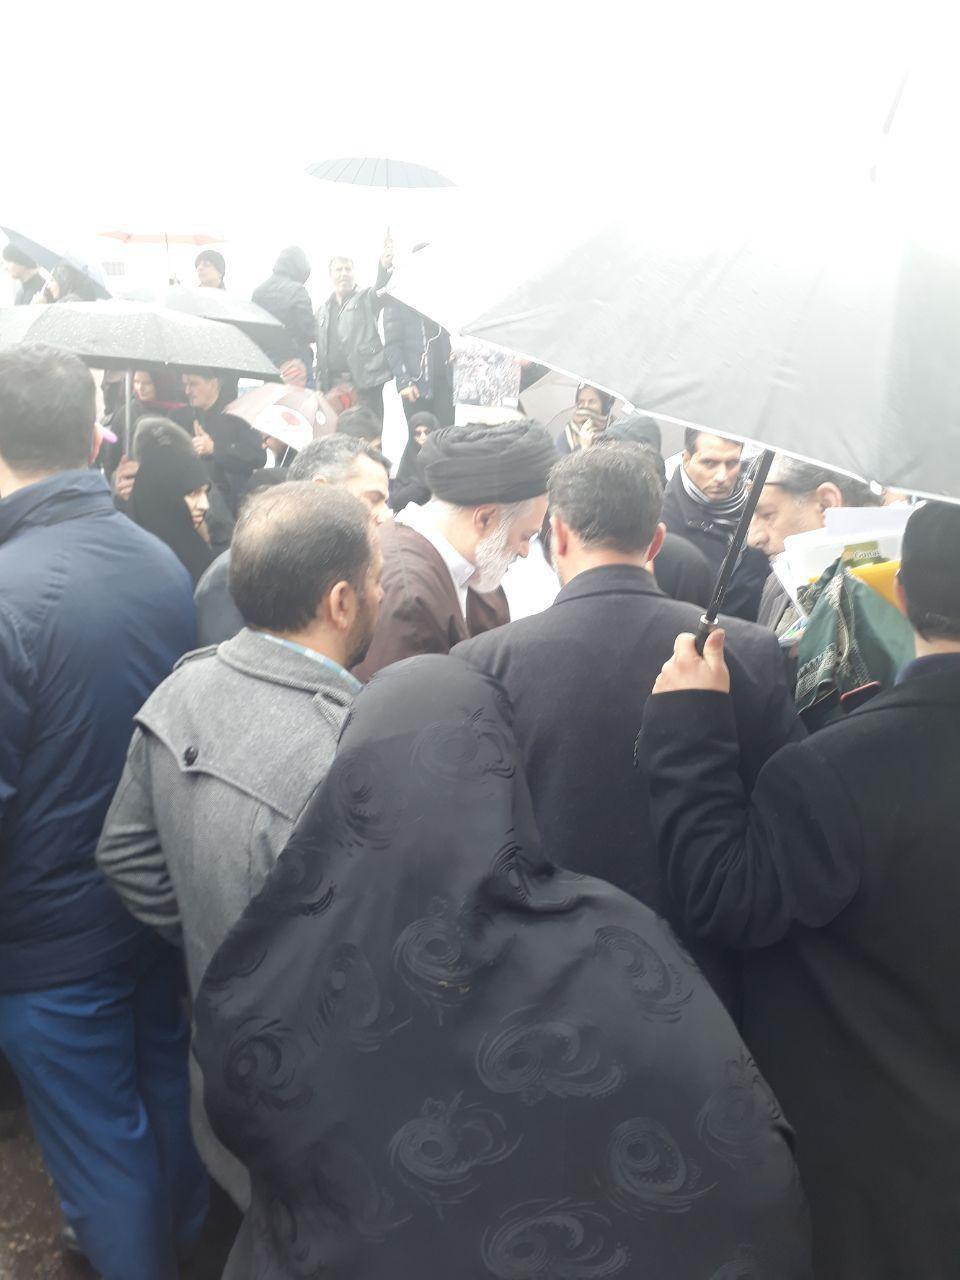 حضور فرزندان رهبر انقلاب در راهپیمایی ۲۲ بهمن +تصاویر